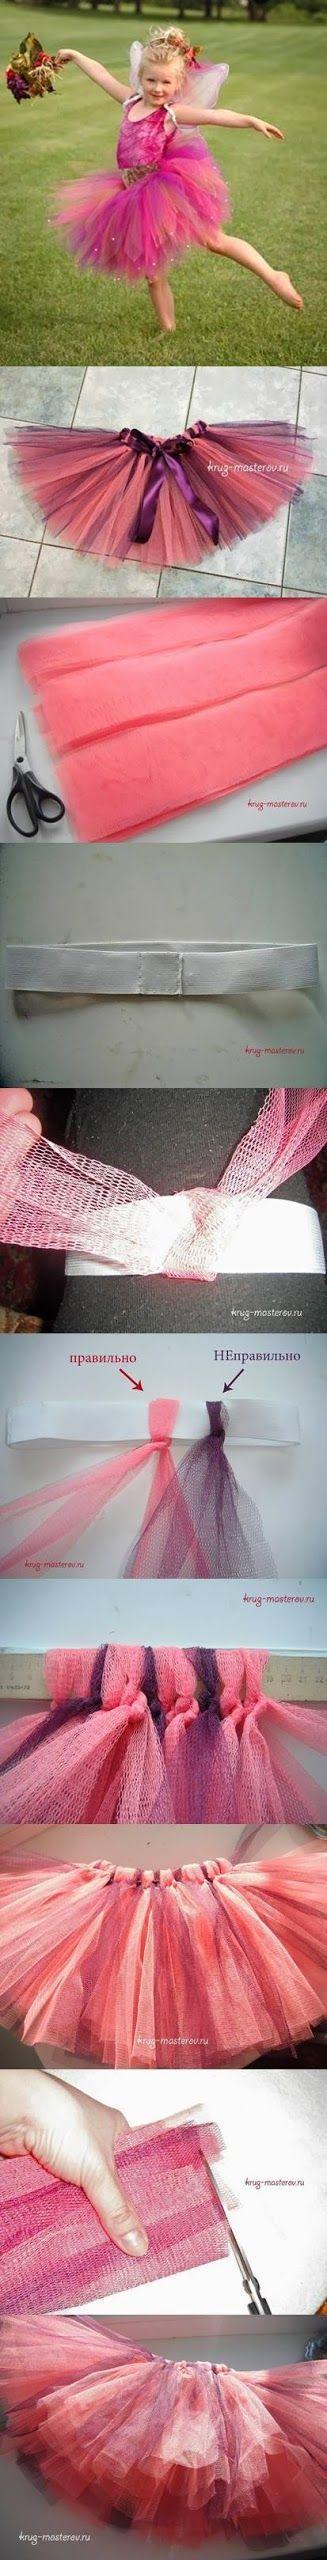 Hochzeit - Bau & Handwerk